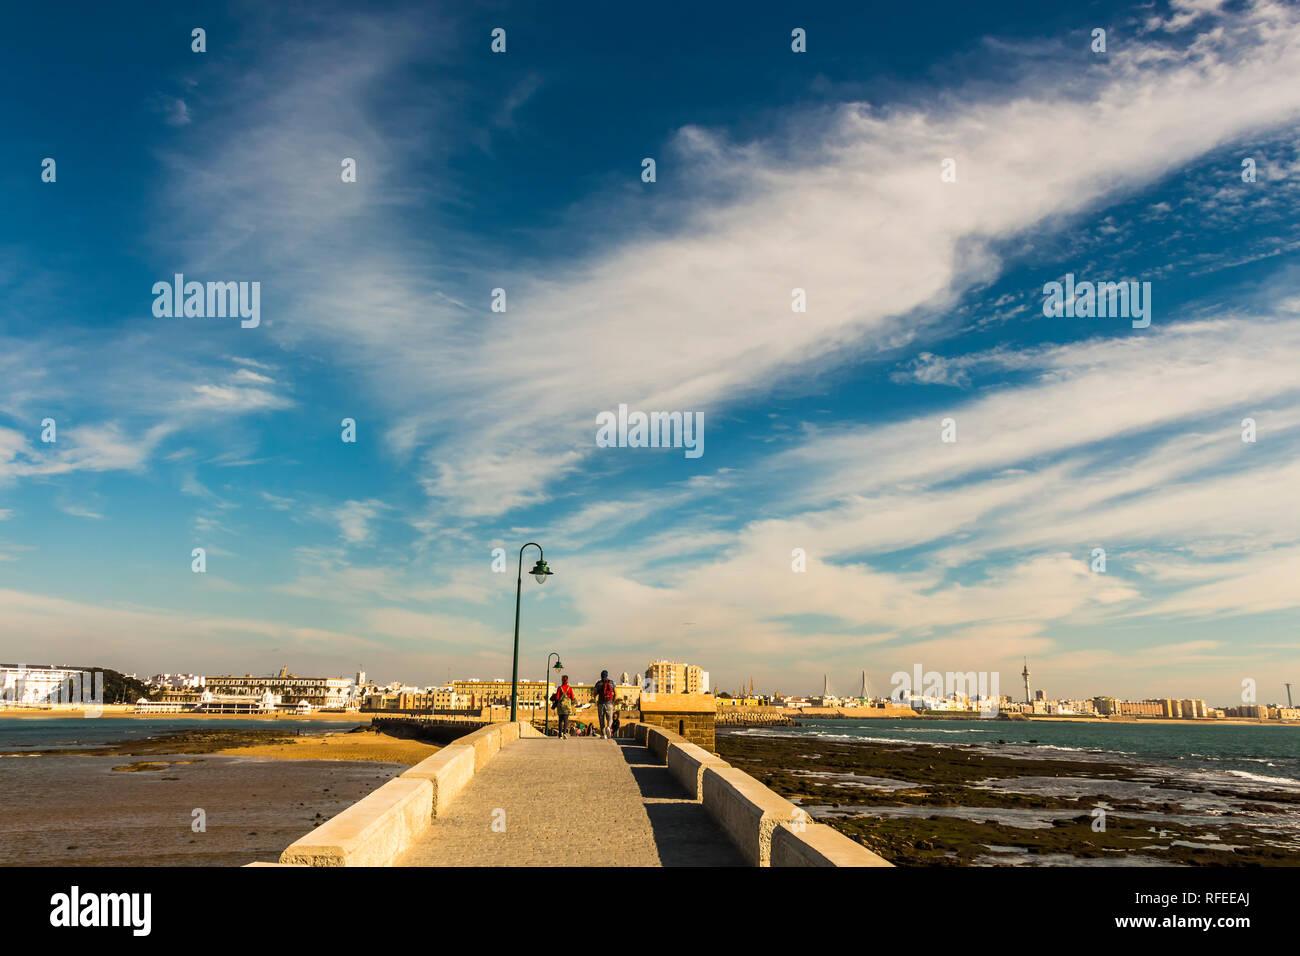 Cádiz, España - Dec, 2018: Paseo Fernando Quiñones sendero de piedra que conduce a la ciudad de Cádiz Foto de stock